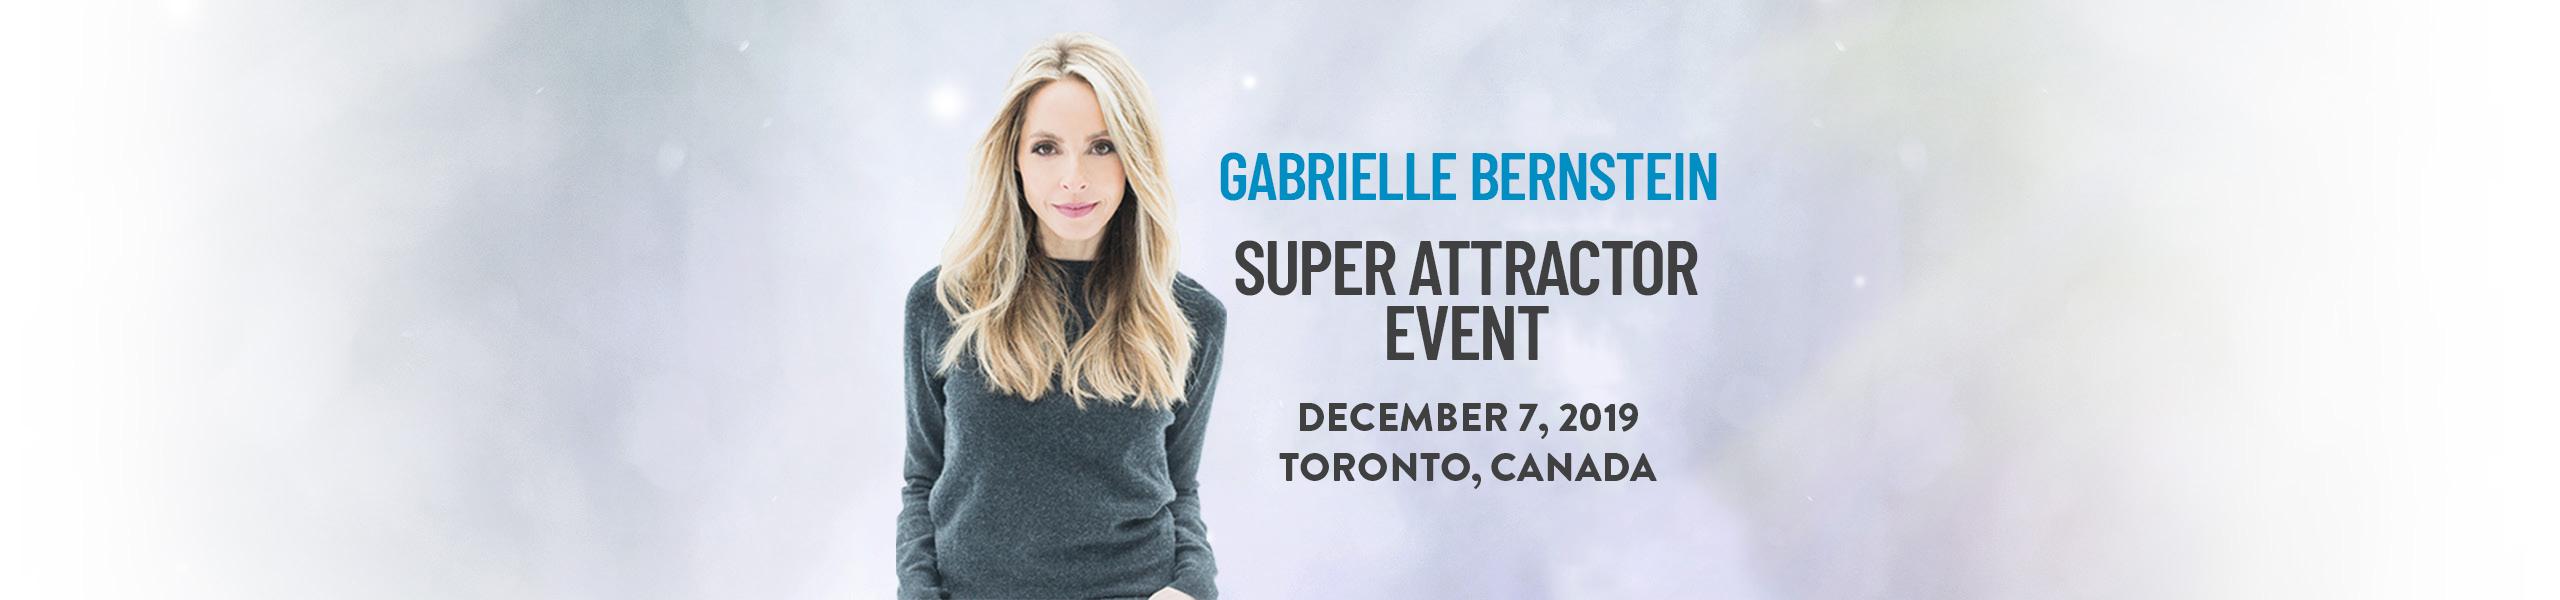 Super Attractor - Gabby Bernstein Toronto 2019 General